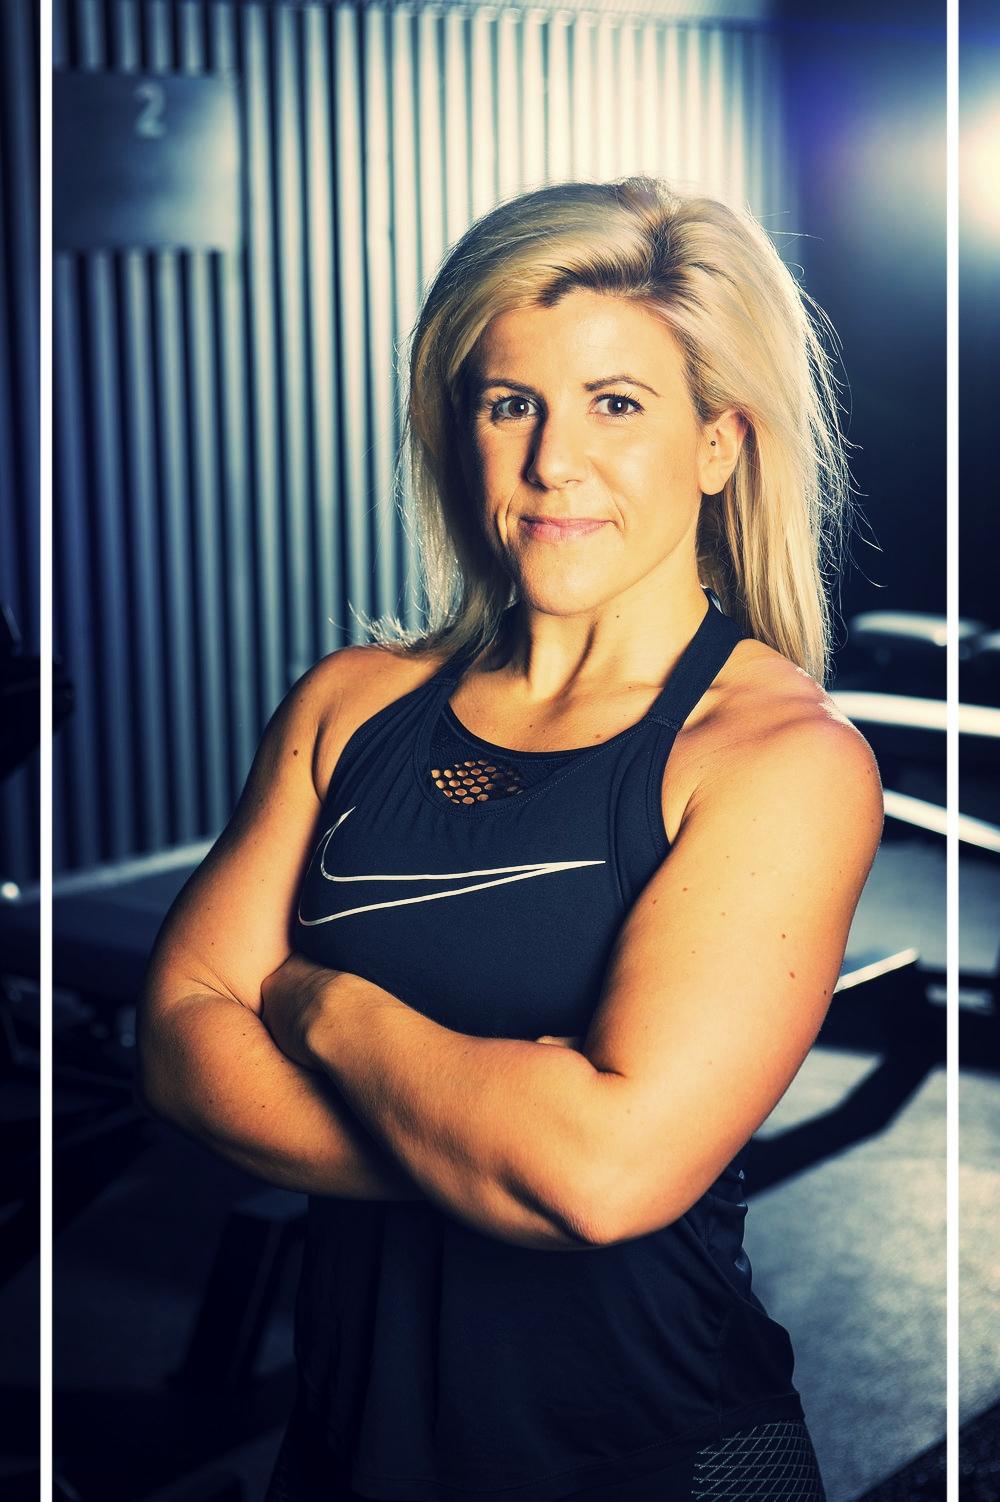 LAURA HOGGINS- OLYMPIC WEIGHTLIFTNG